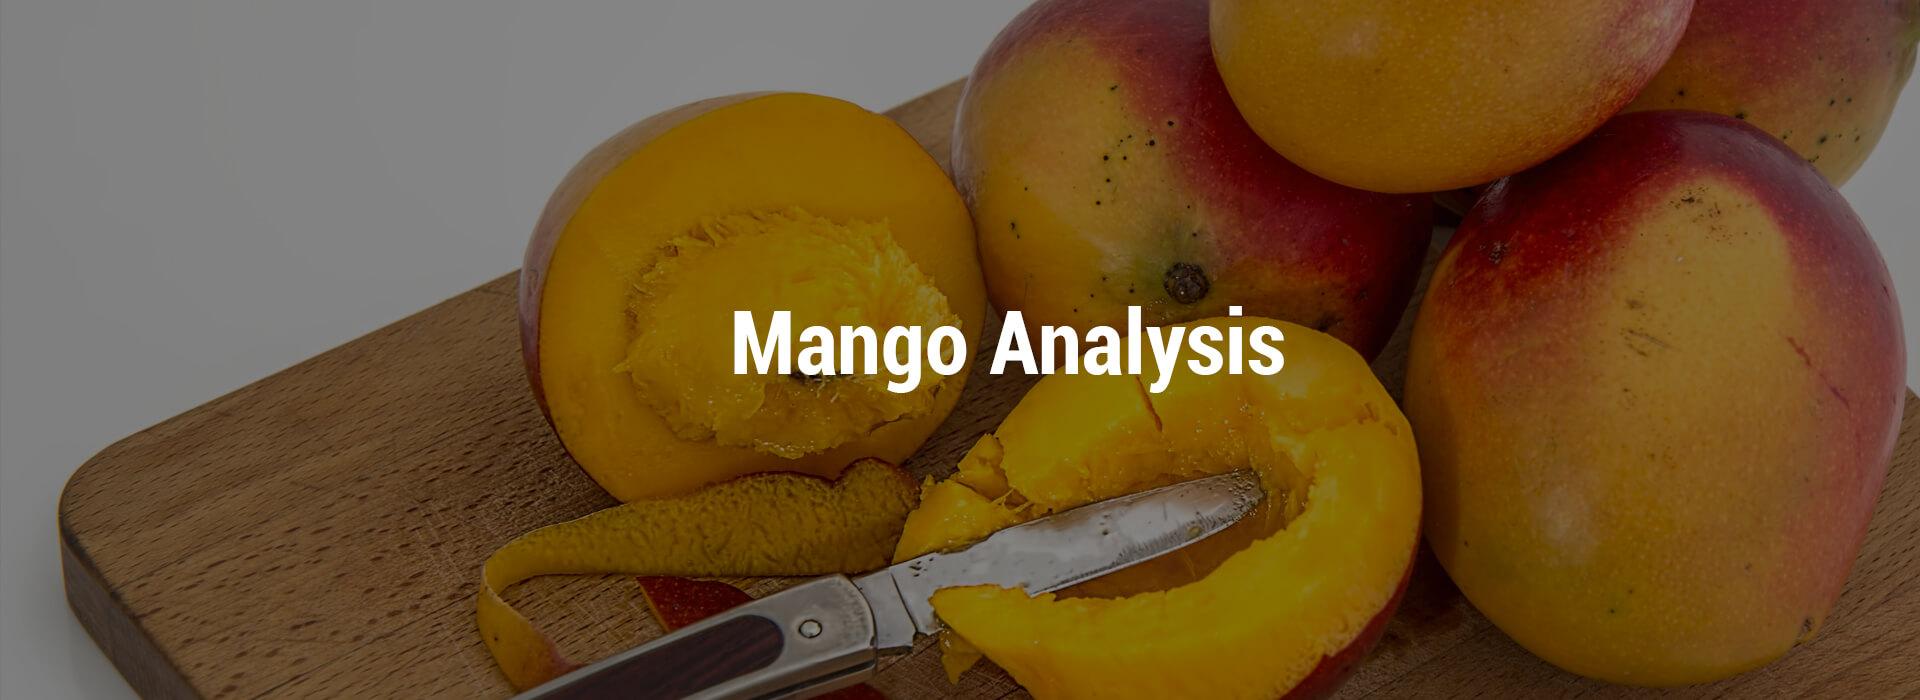 HS-mango-header